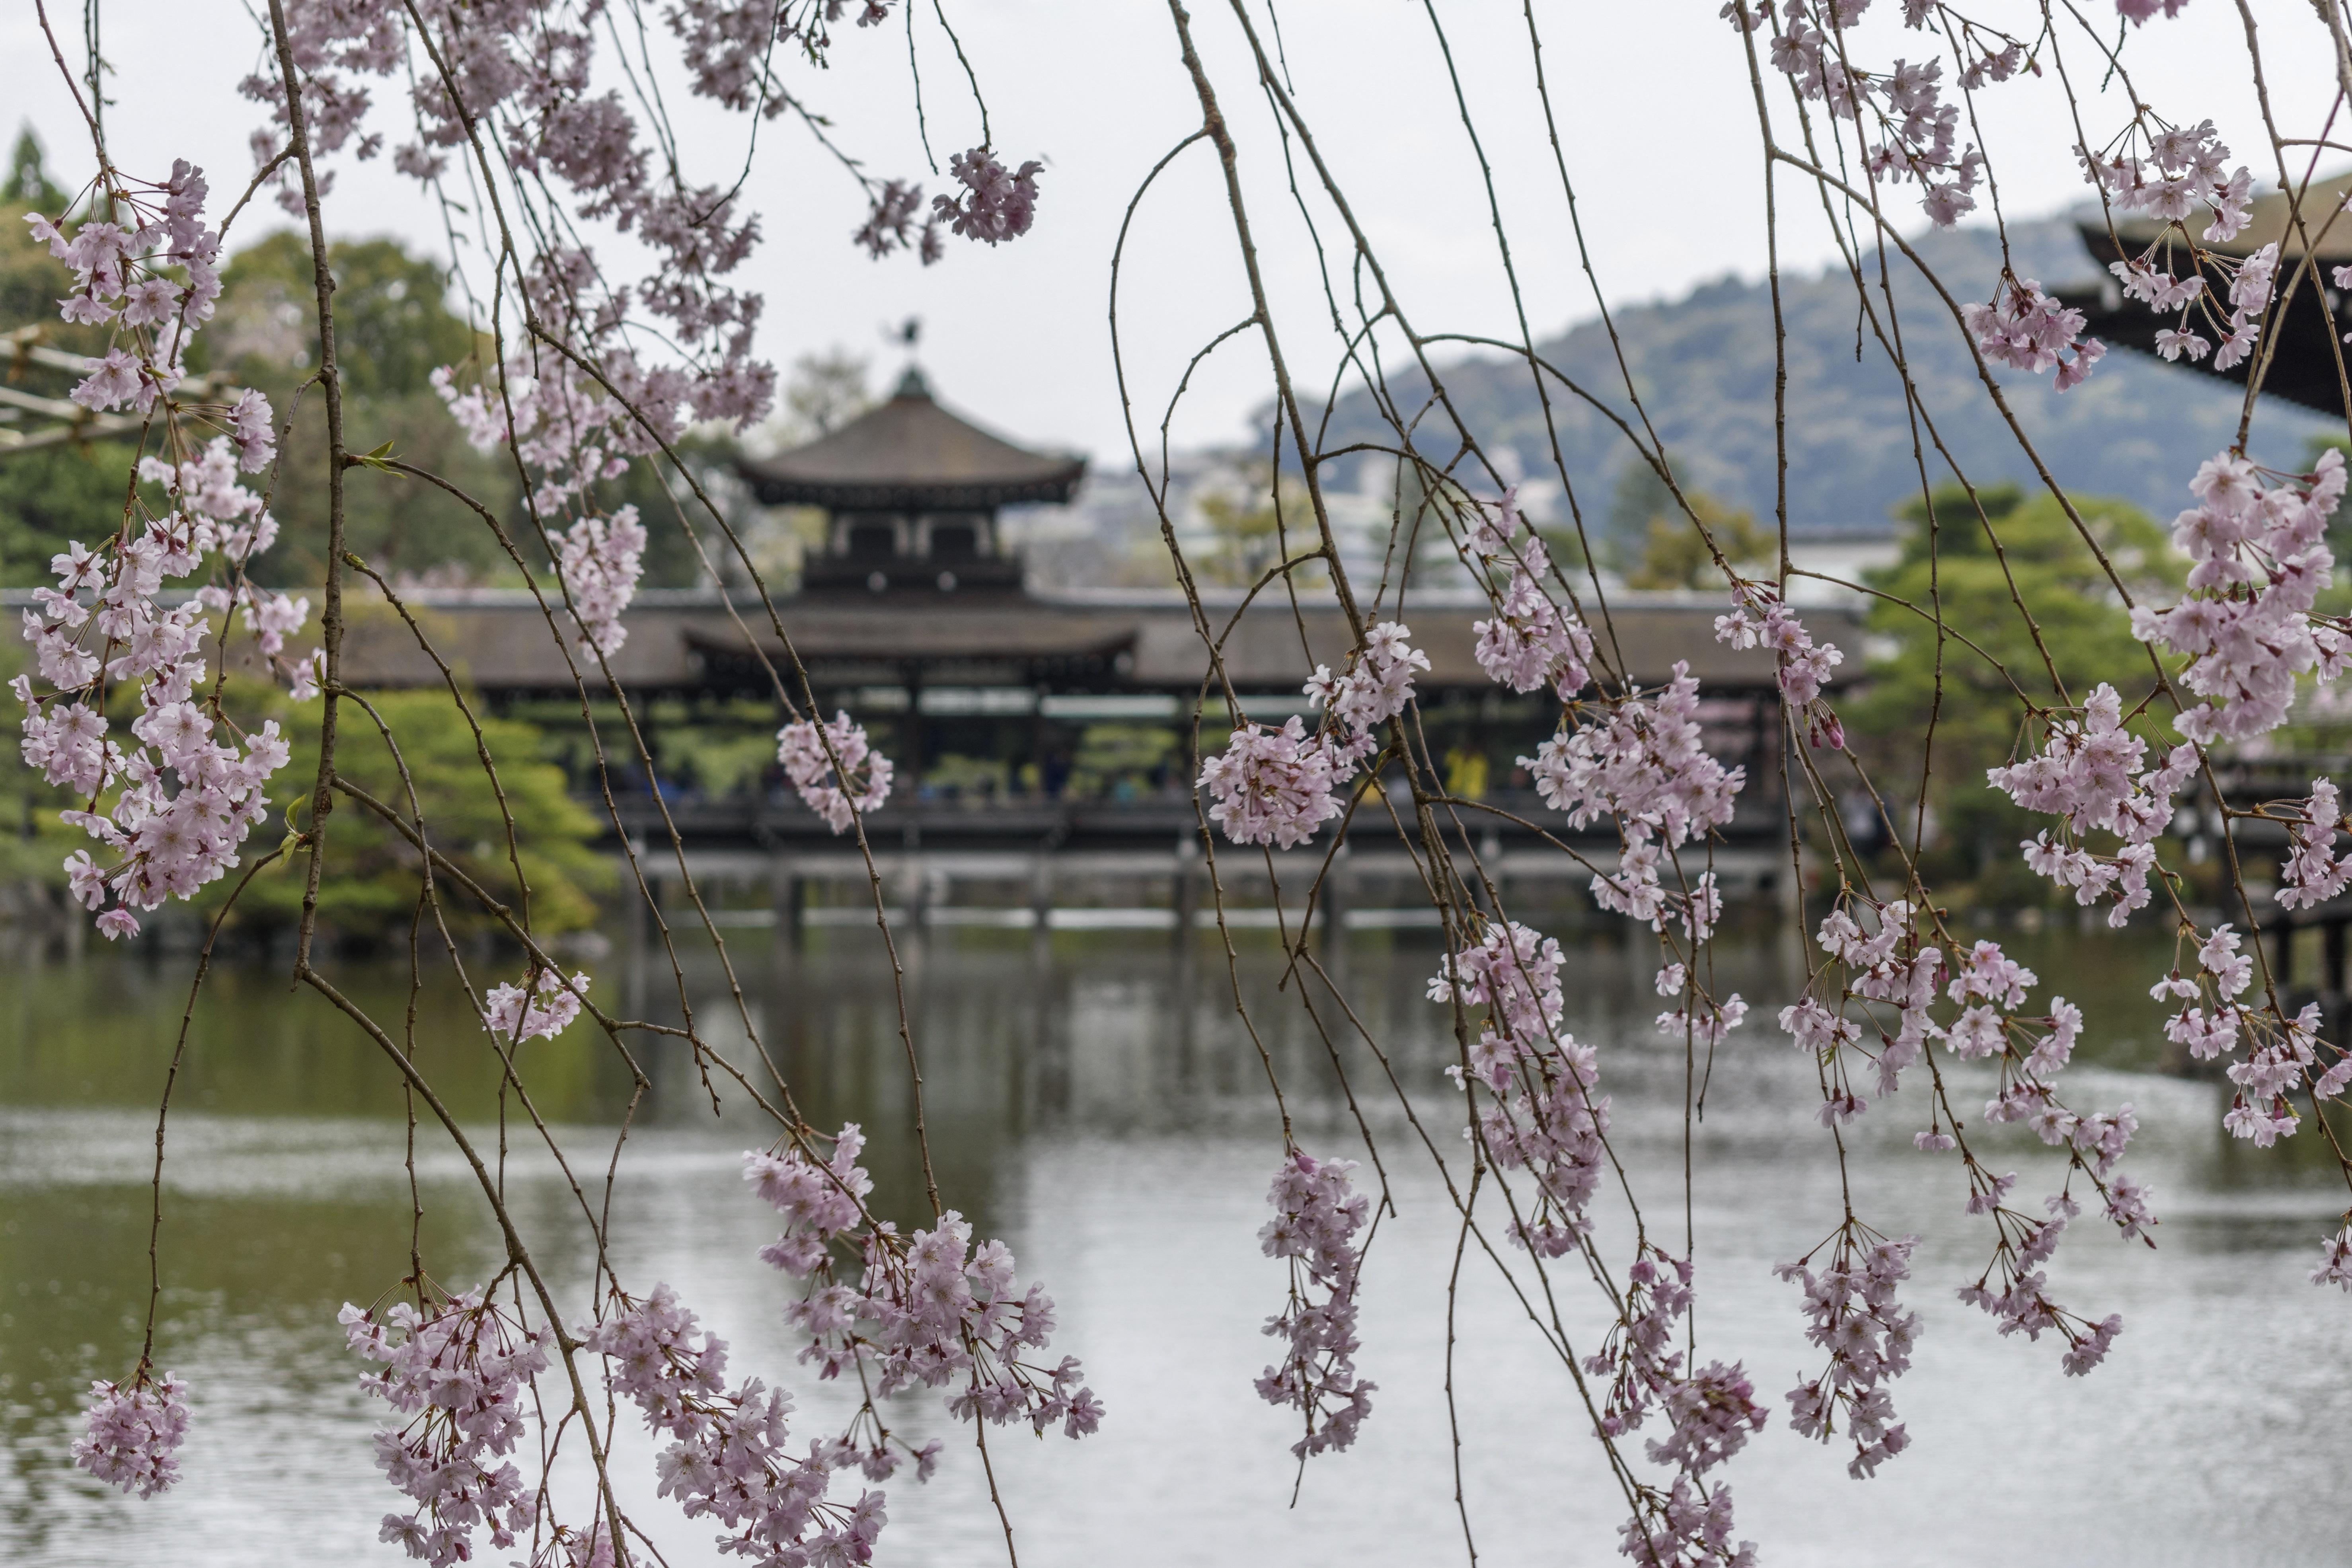 Az elmúlt 1200 évben nem virágoztak ilyen korán a cseresznyefák Kiotóban